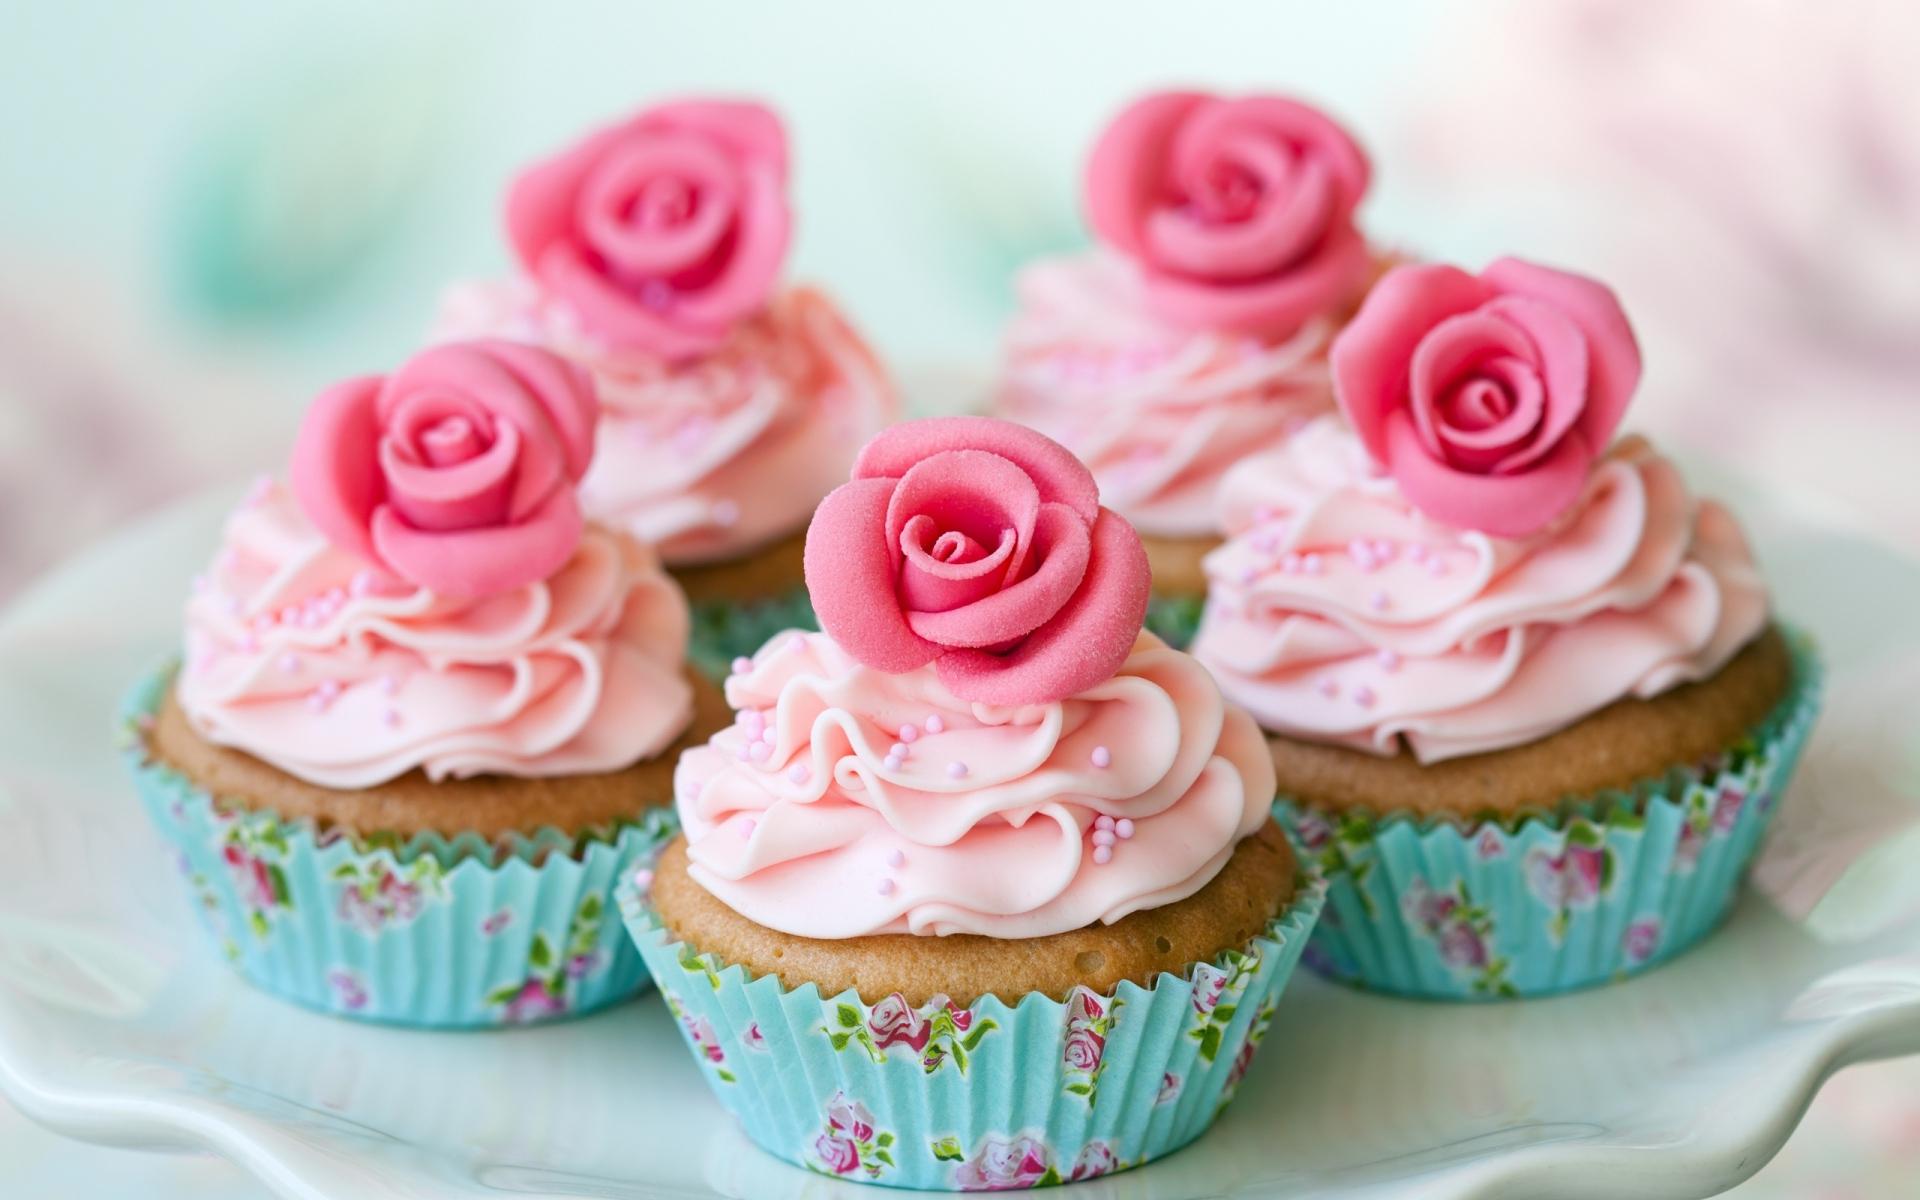 Картинки Блюдо, кексы, розы, сливки, десерт фото и обои на рабочий стол